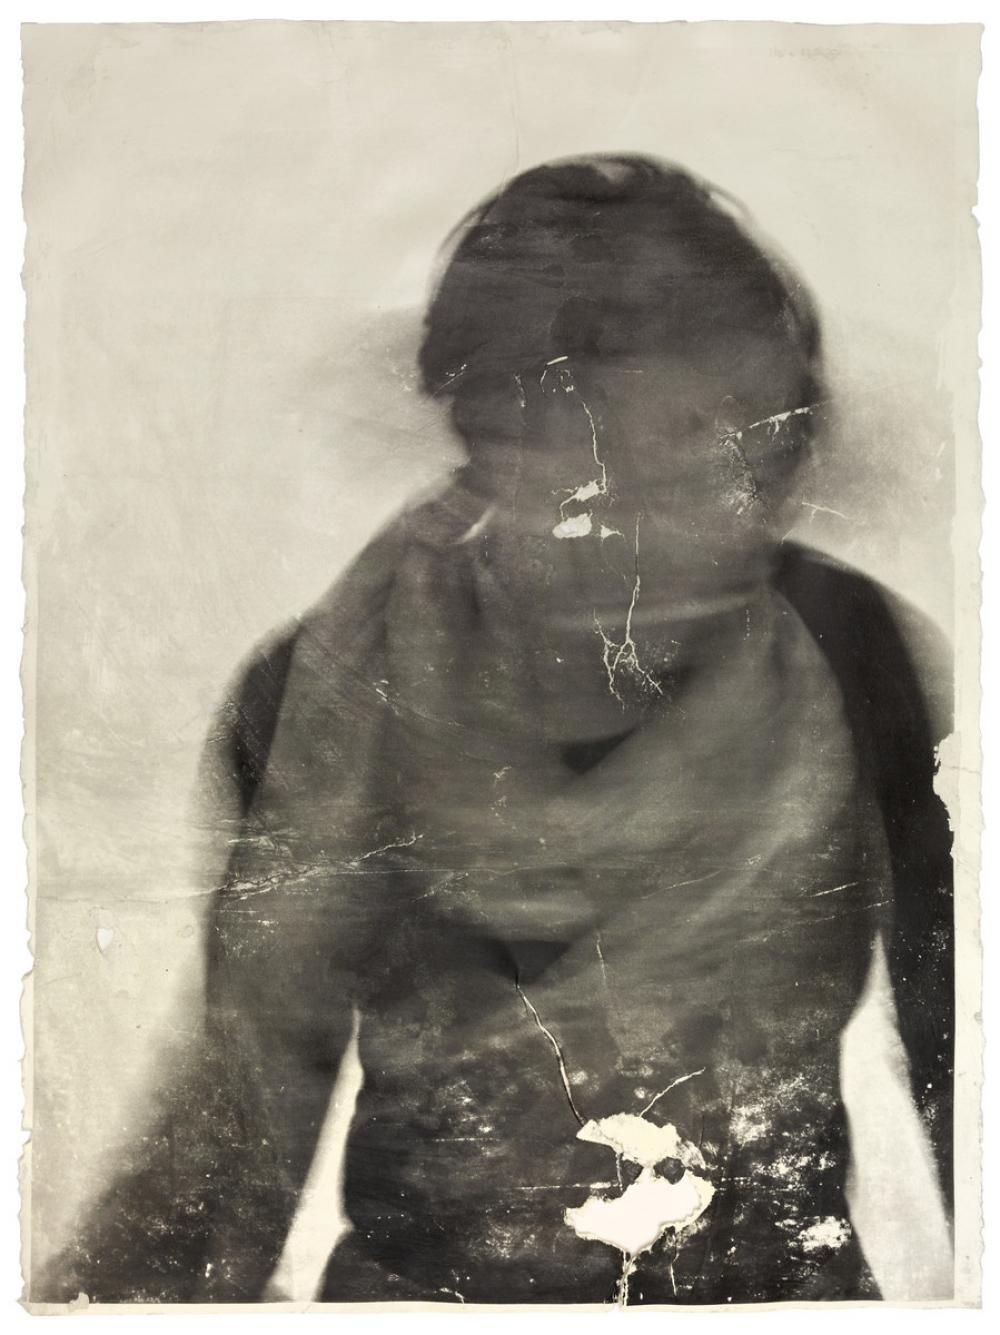 Sandra Brewster (Canadian, b. 1973), Blur 1 (2), 2016/2017